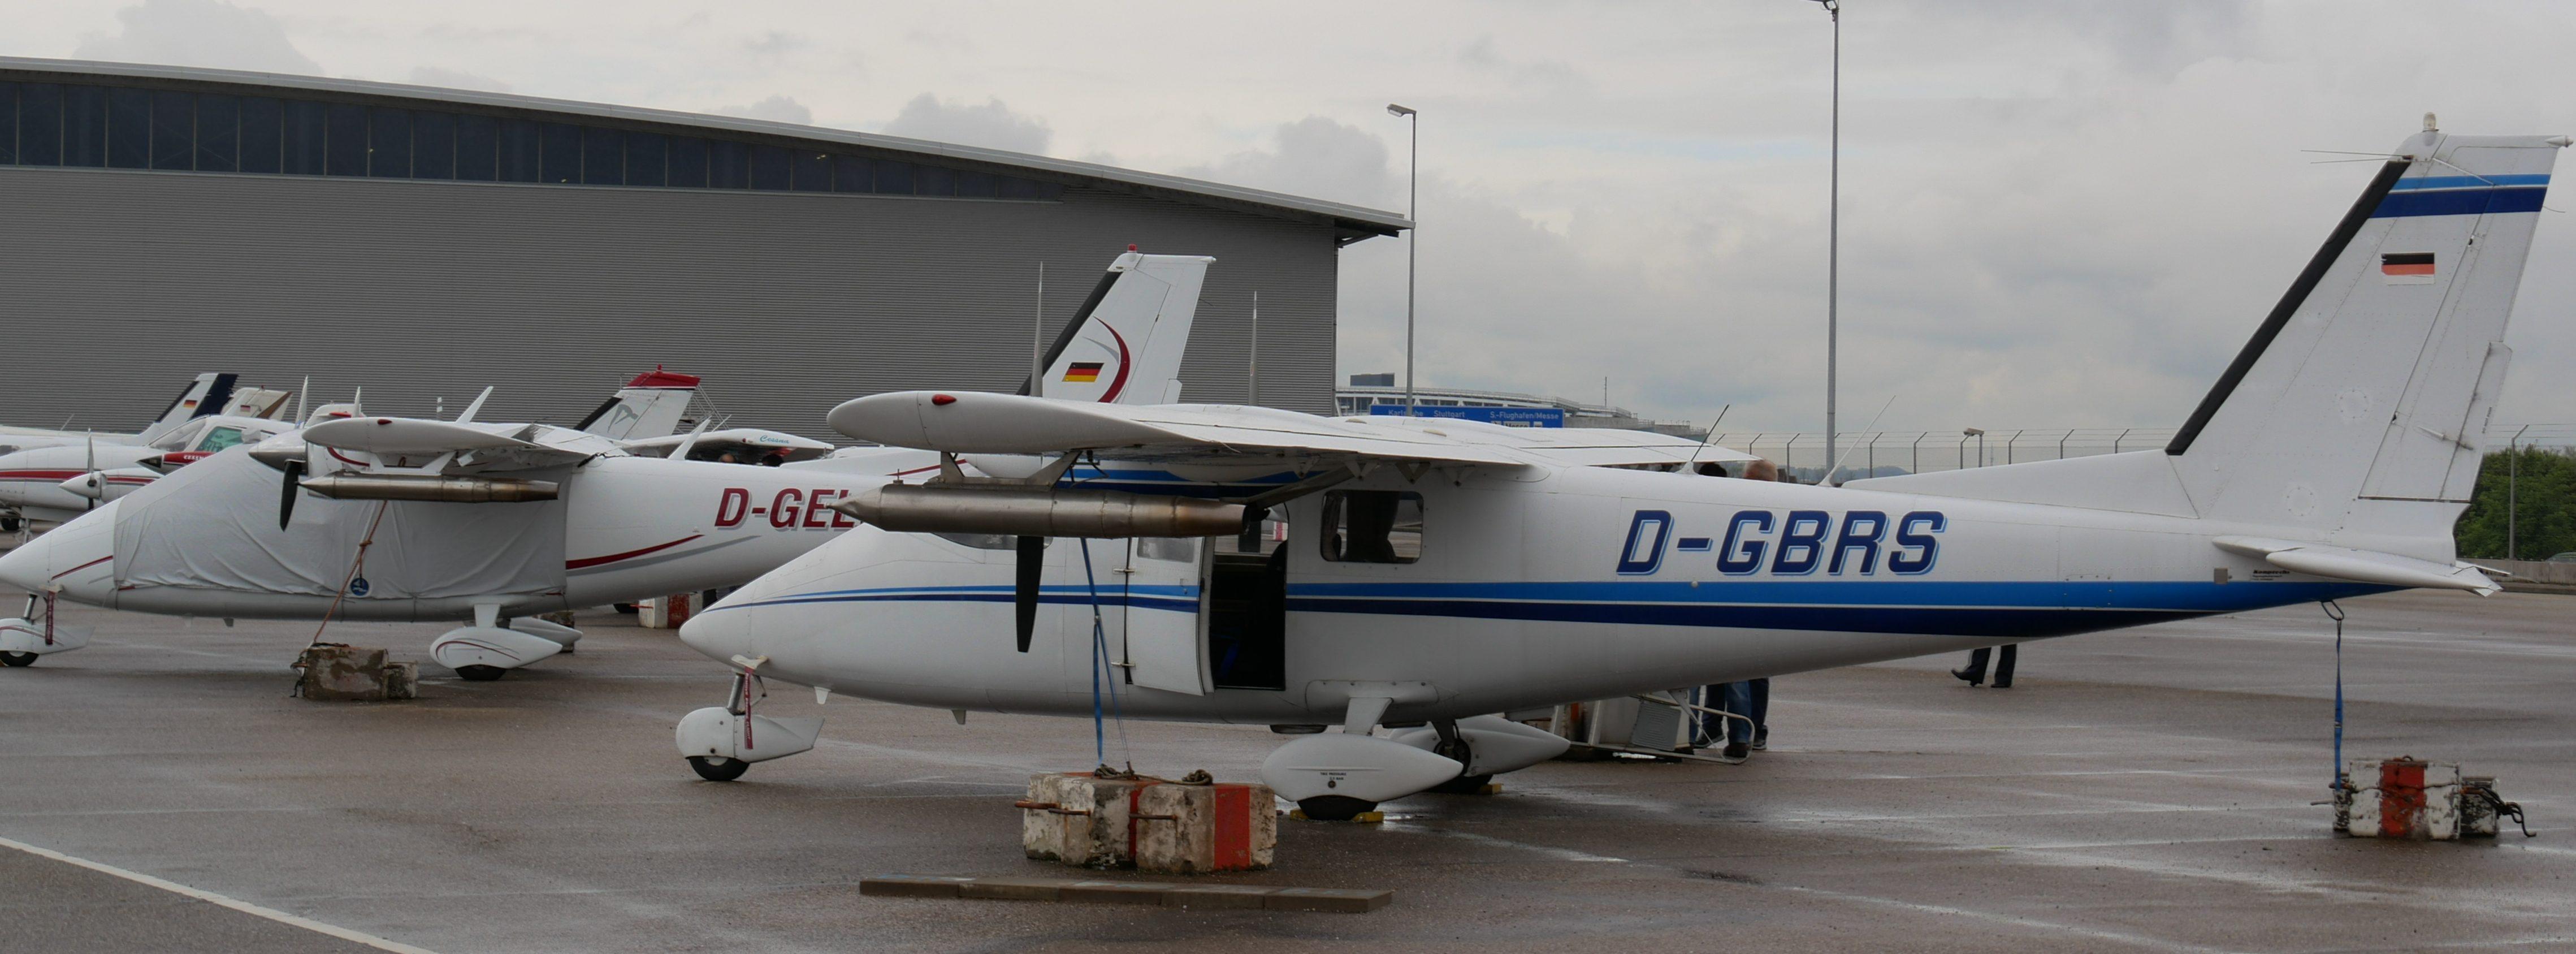 Hagelflieger am Stuttgarter Flughafen. Foto: Uwe Roth